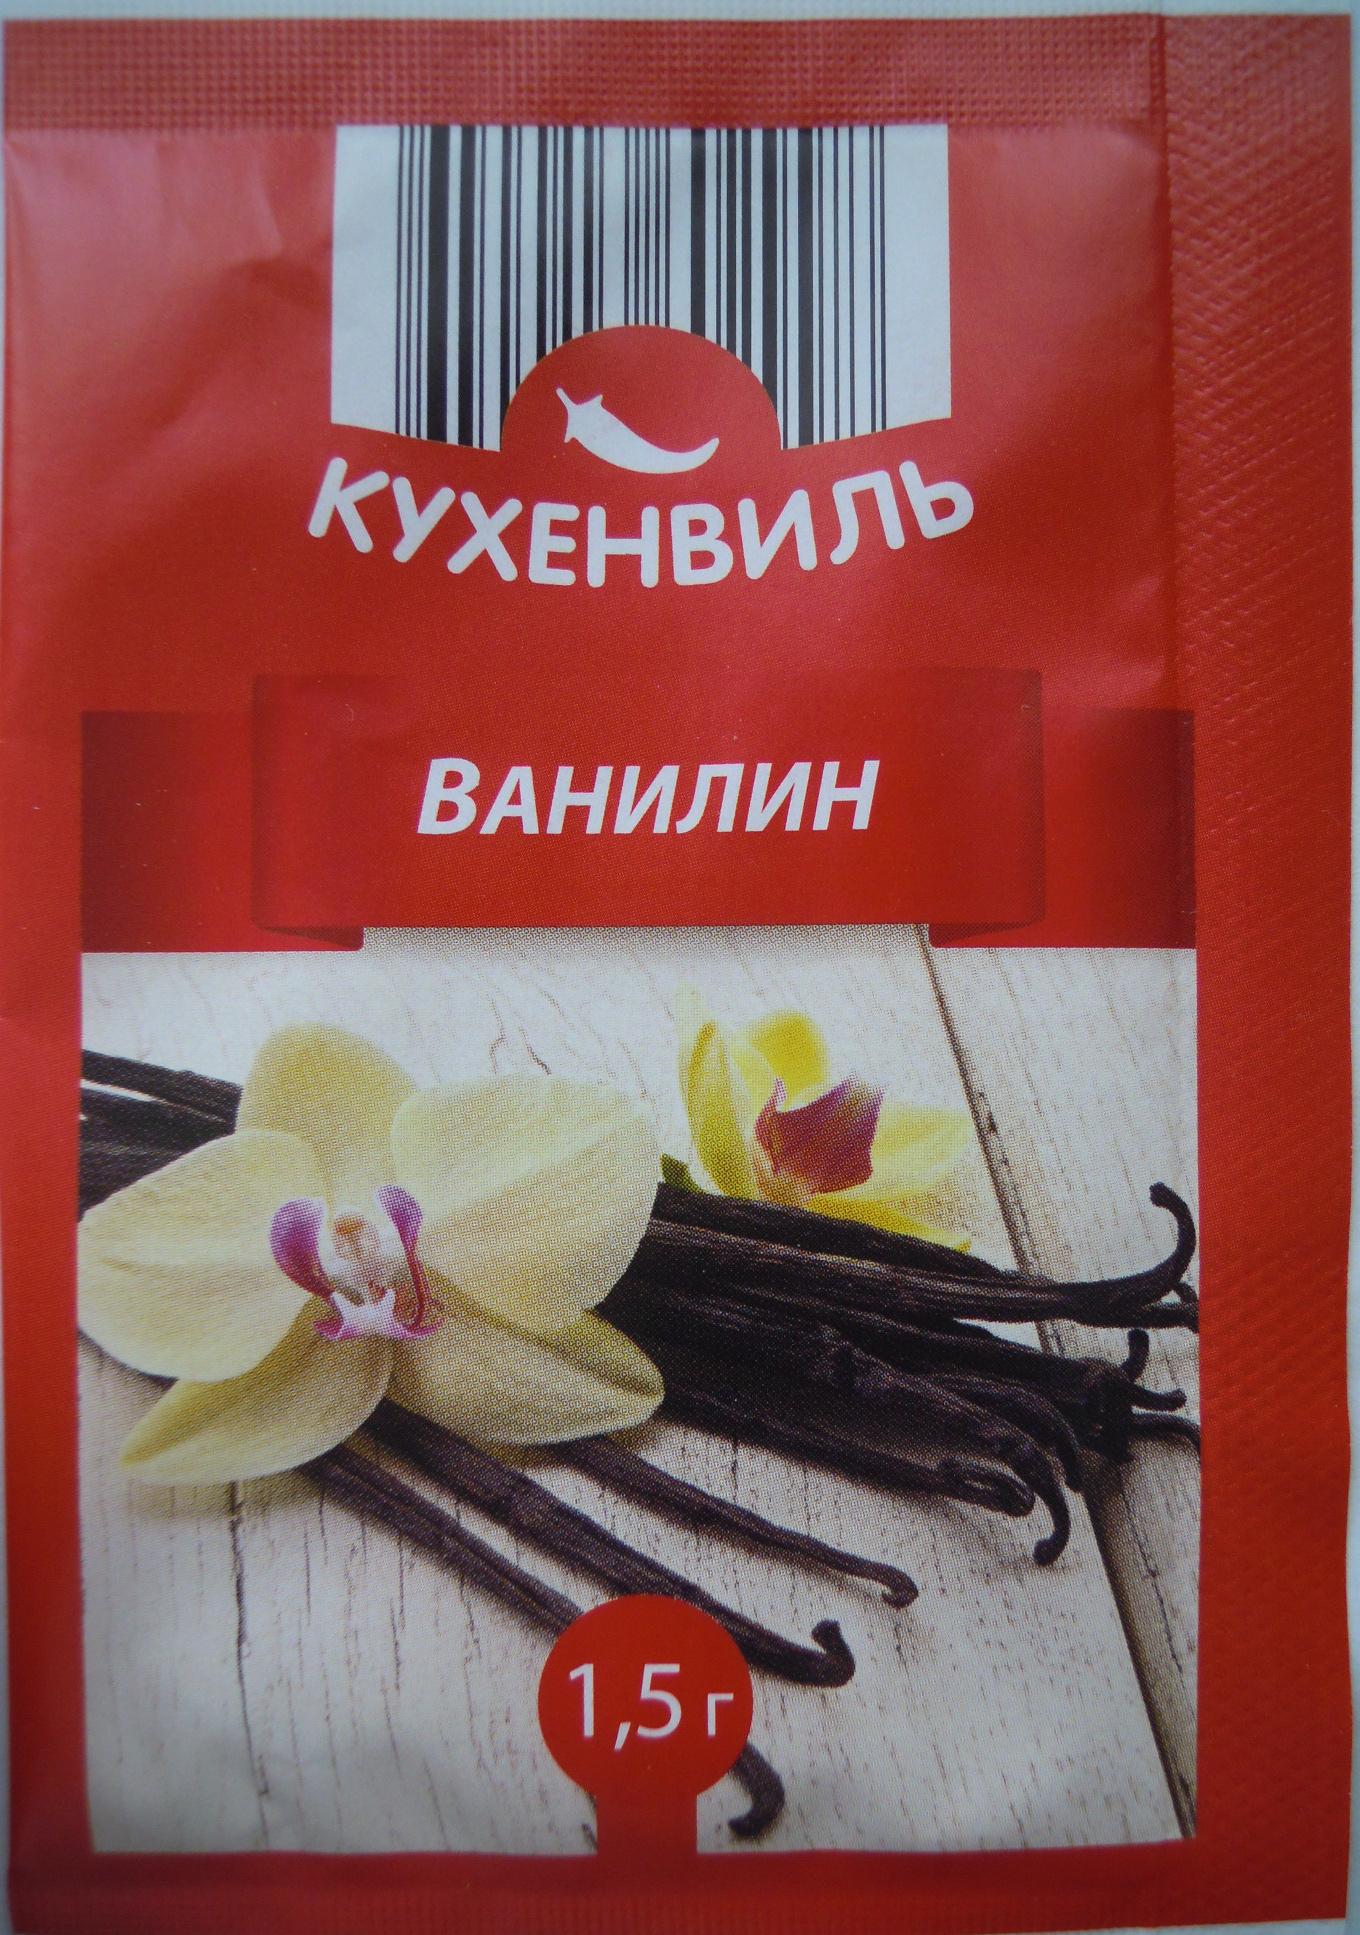 Ванилин - Product - ru